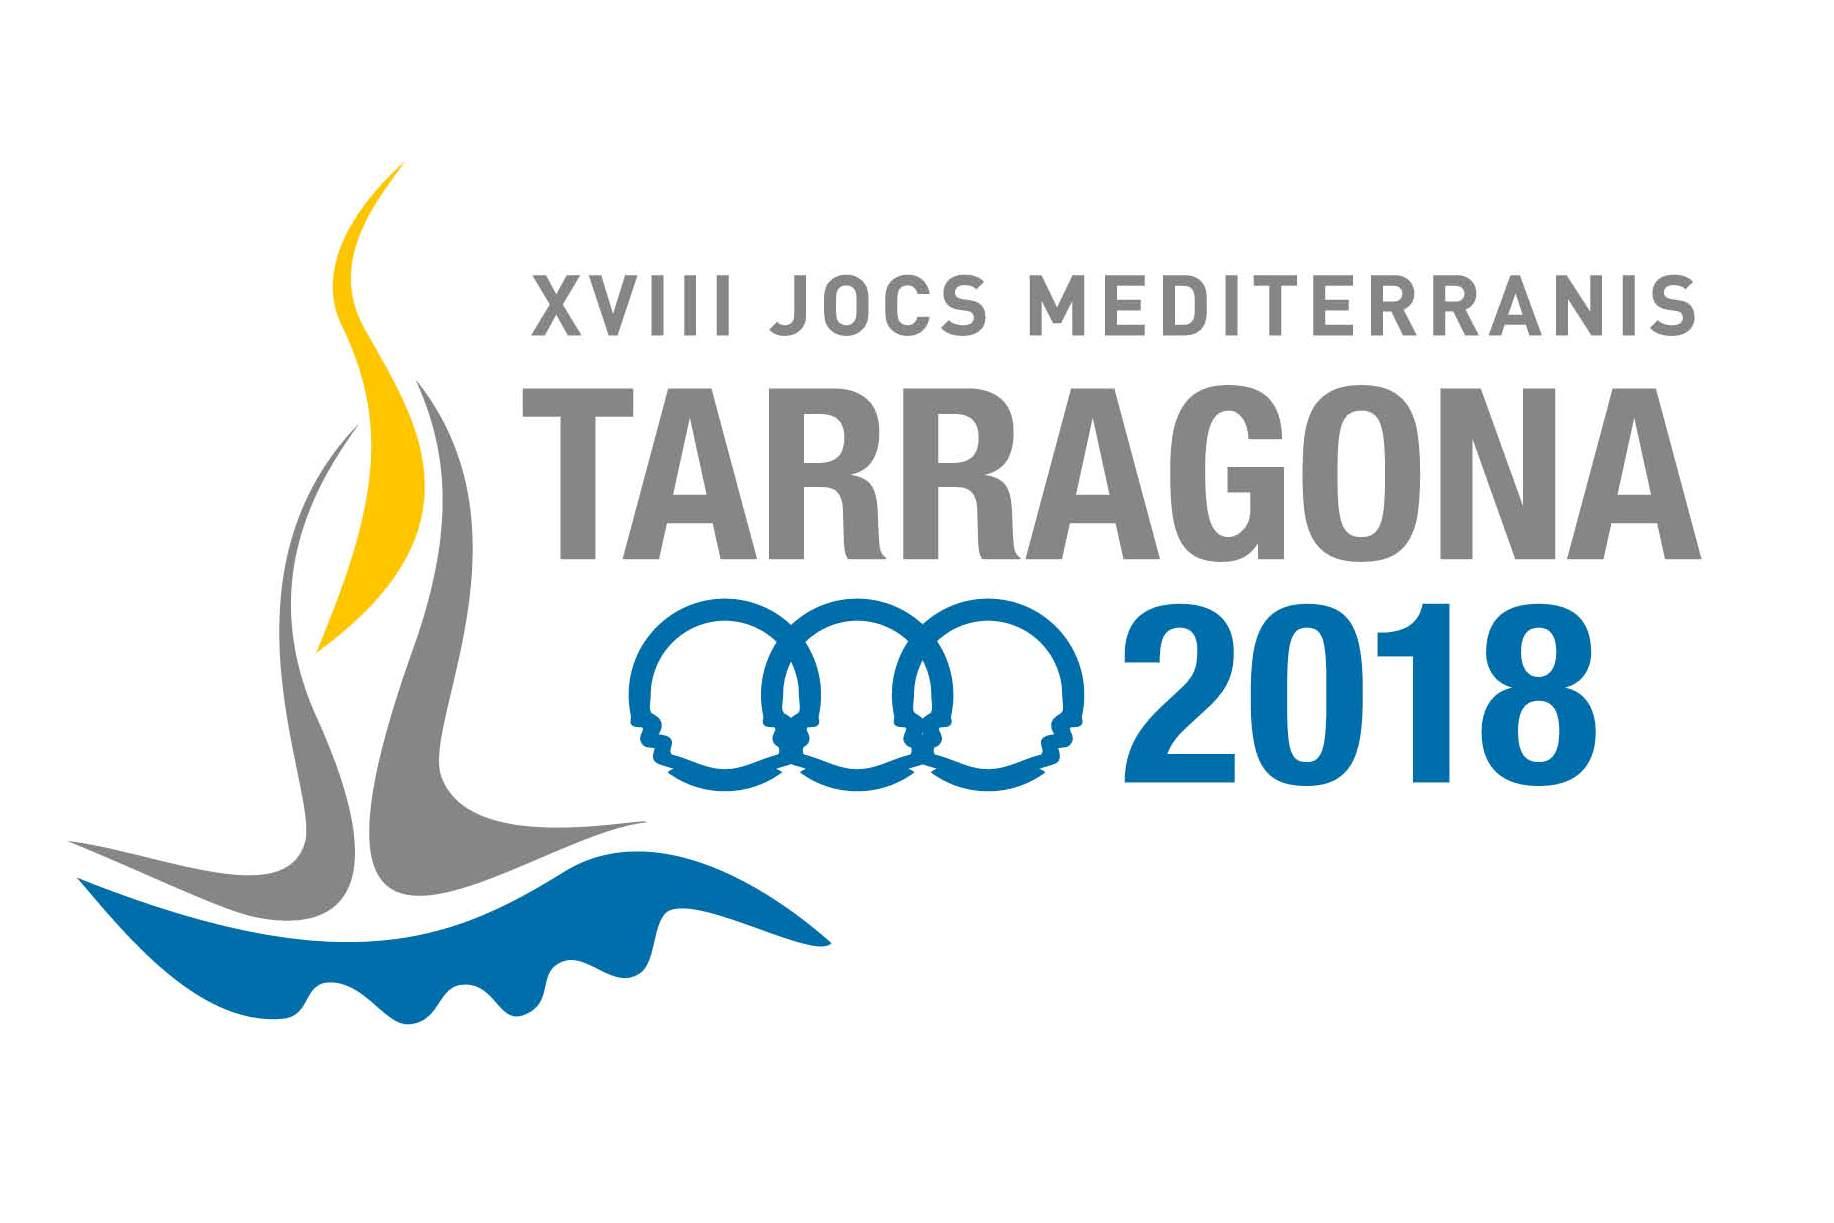 Спортсмены из 26 стран встретятся на Средиземноморских играх в Таррагоне